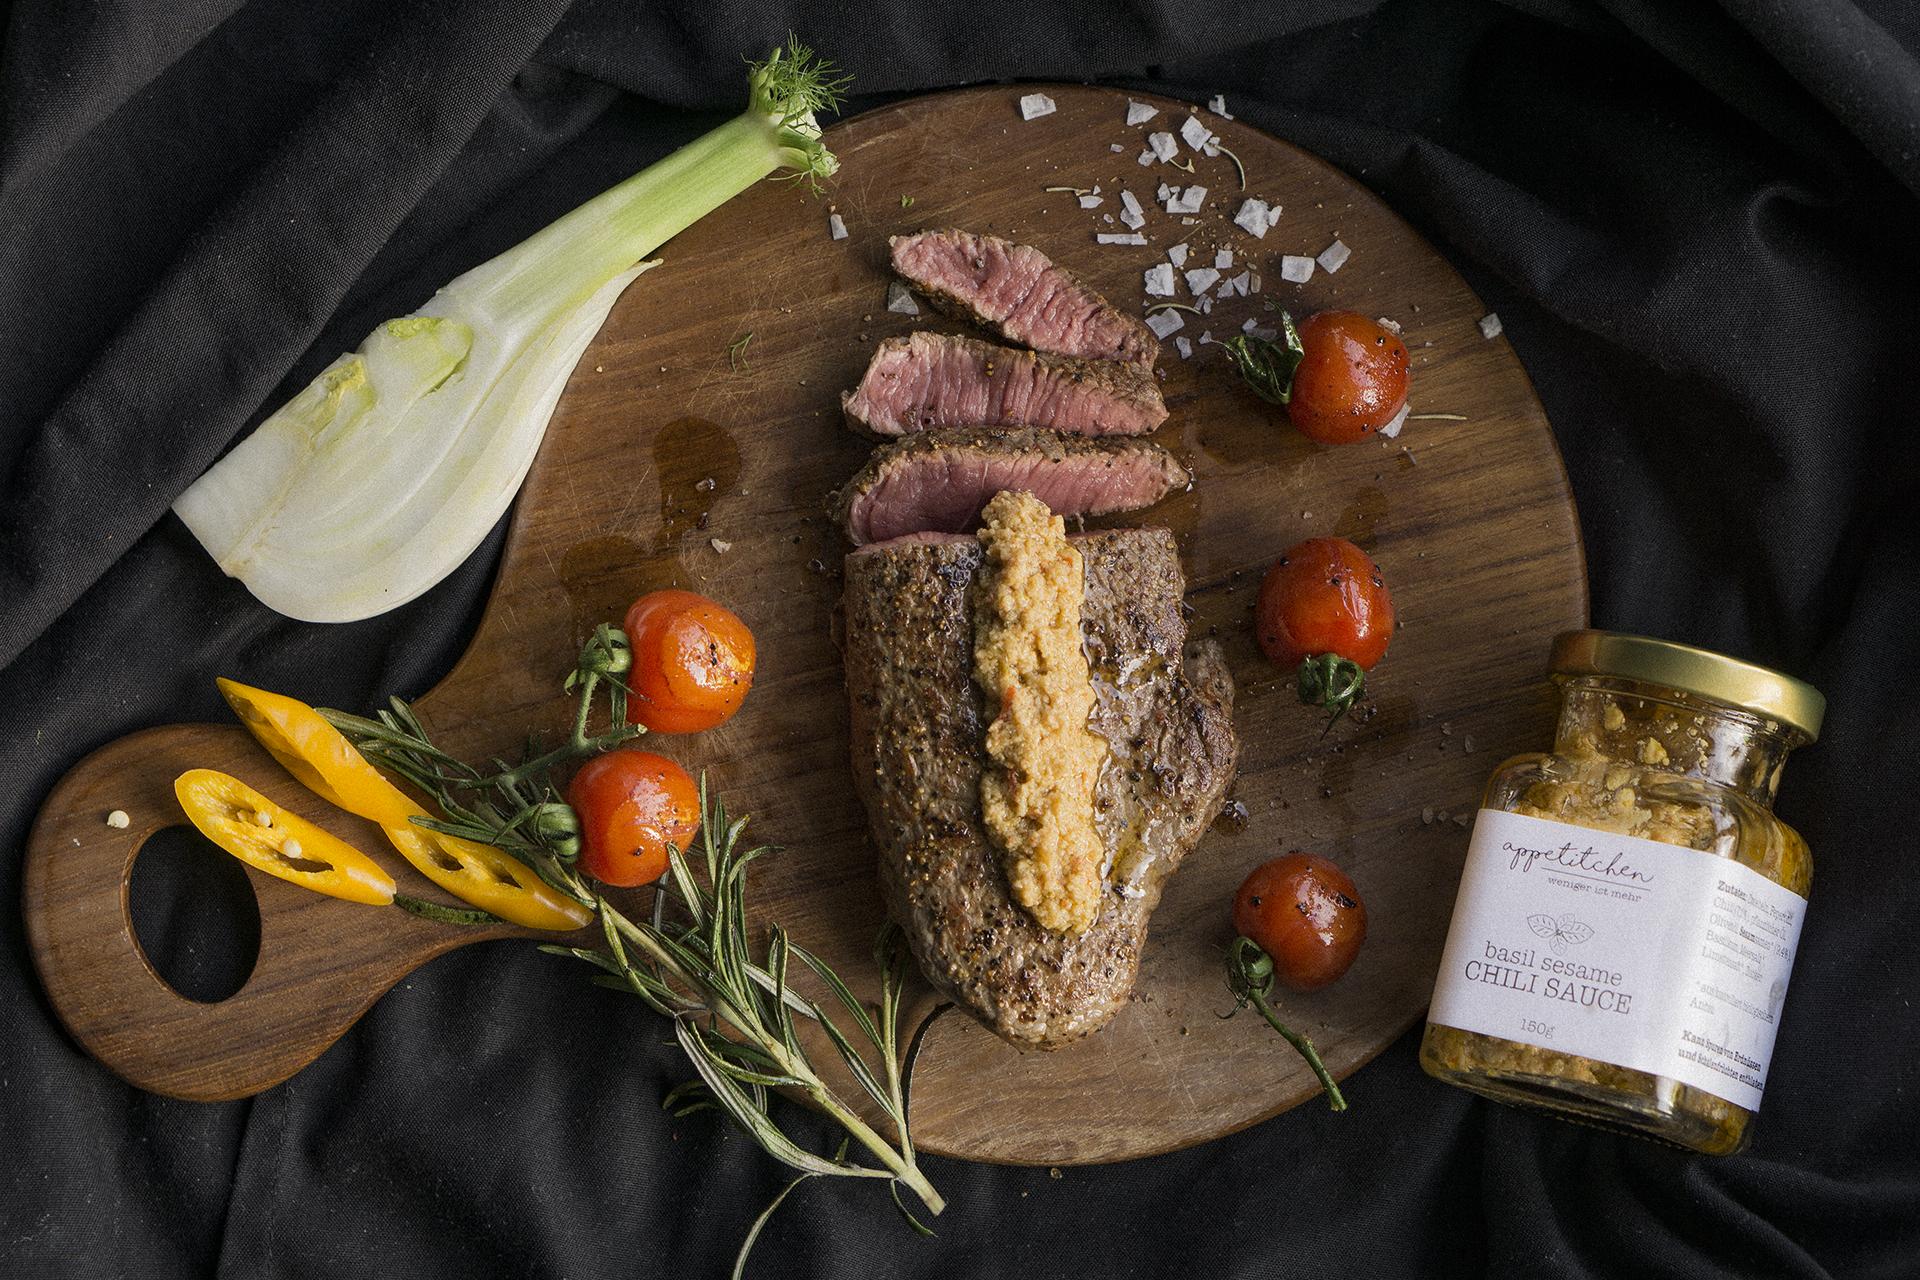 Medium Rare Steak auf einem Brett mit Gemüse und Chili Sauce